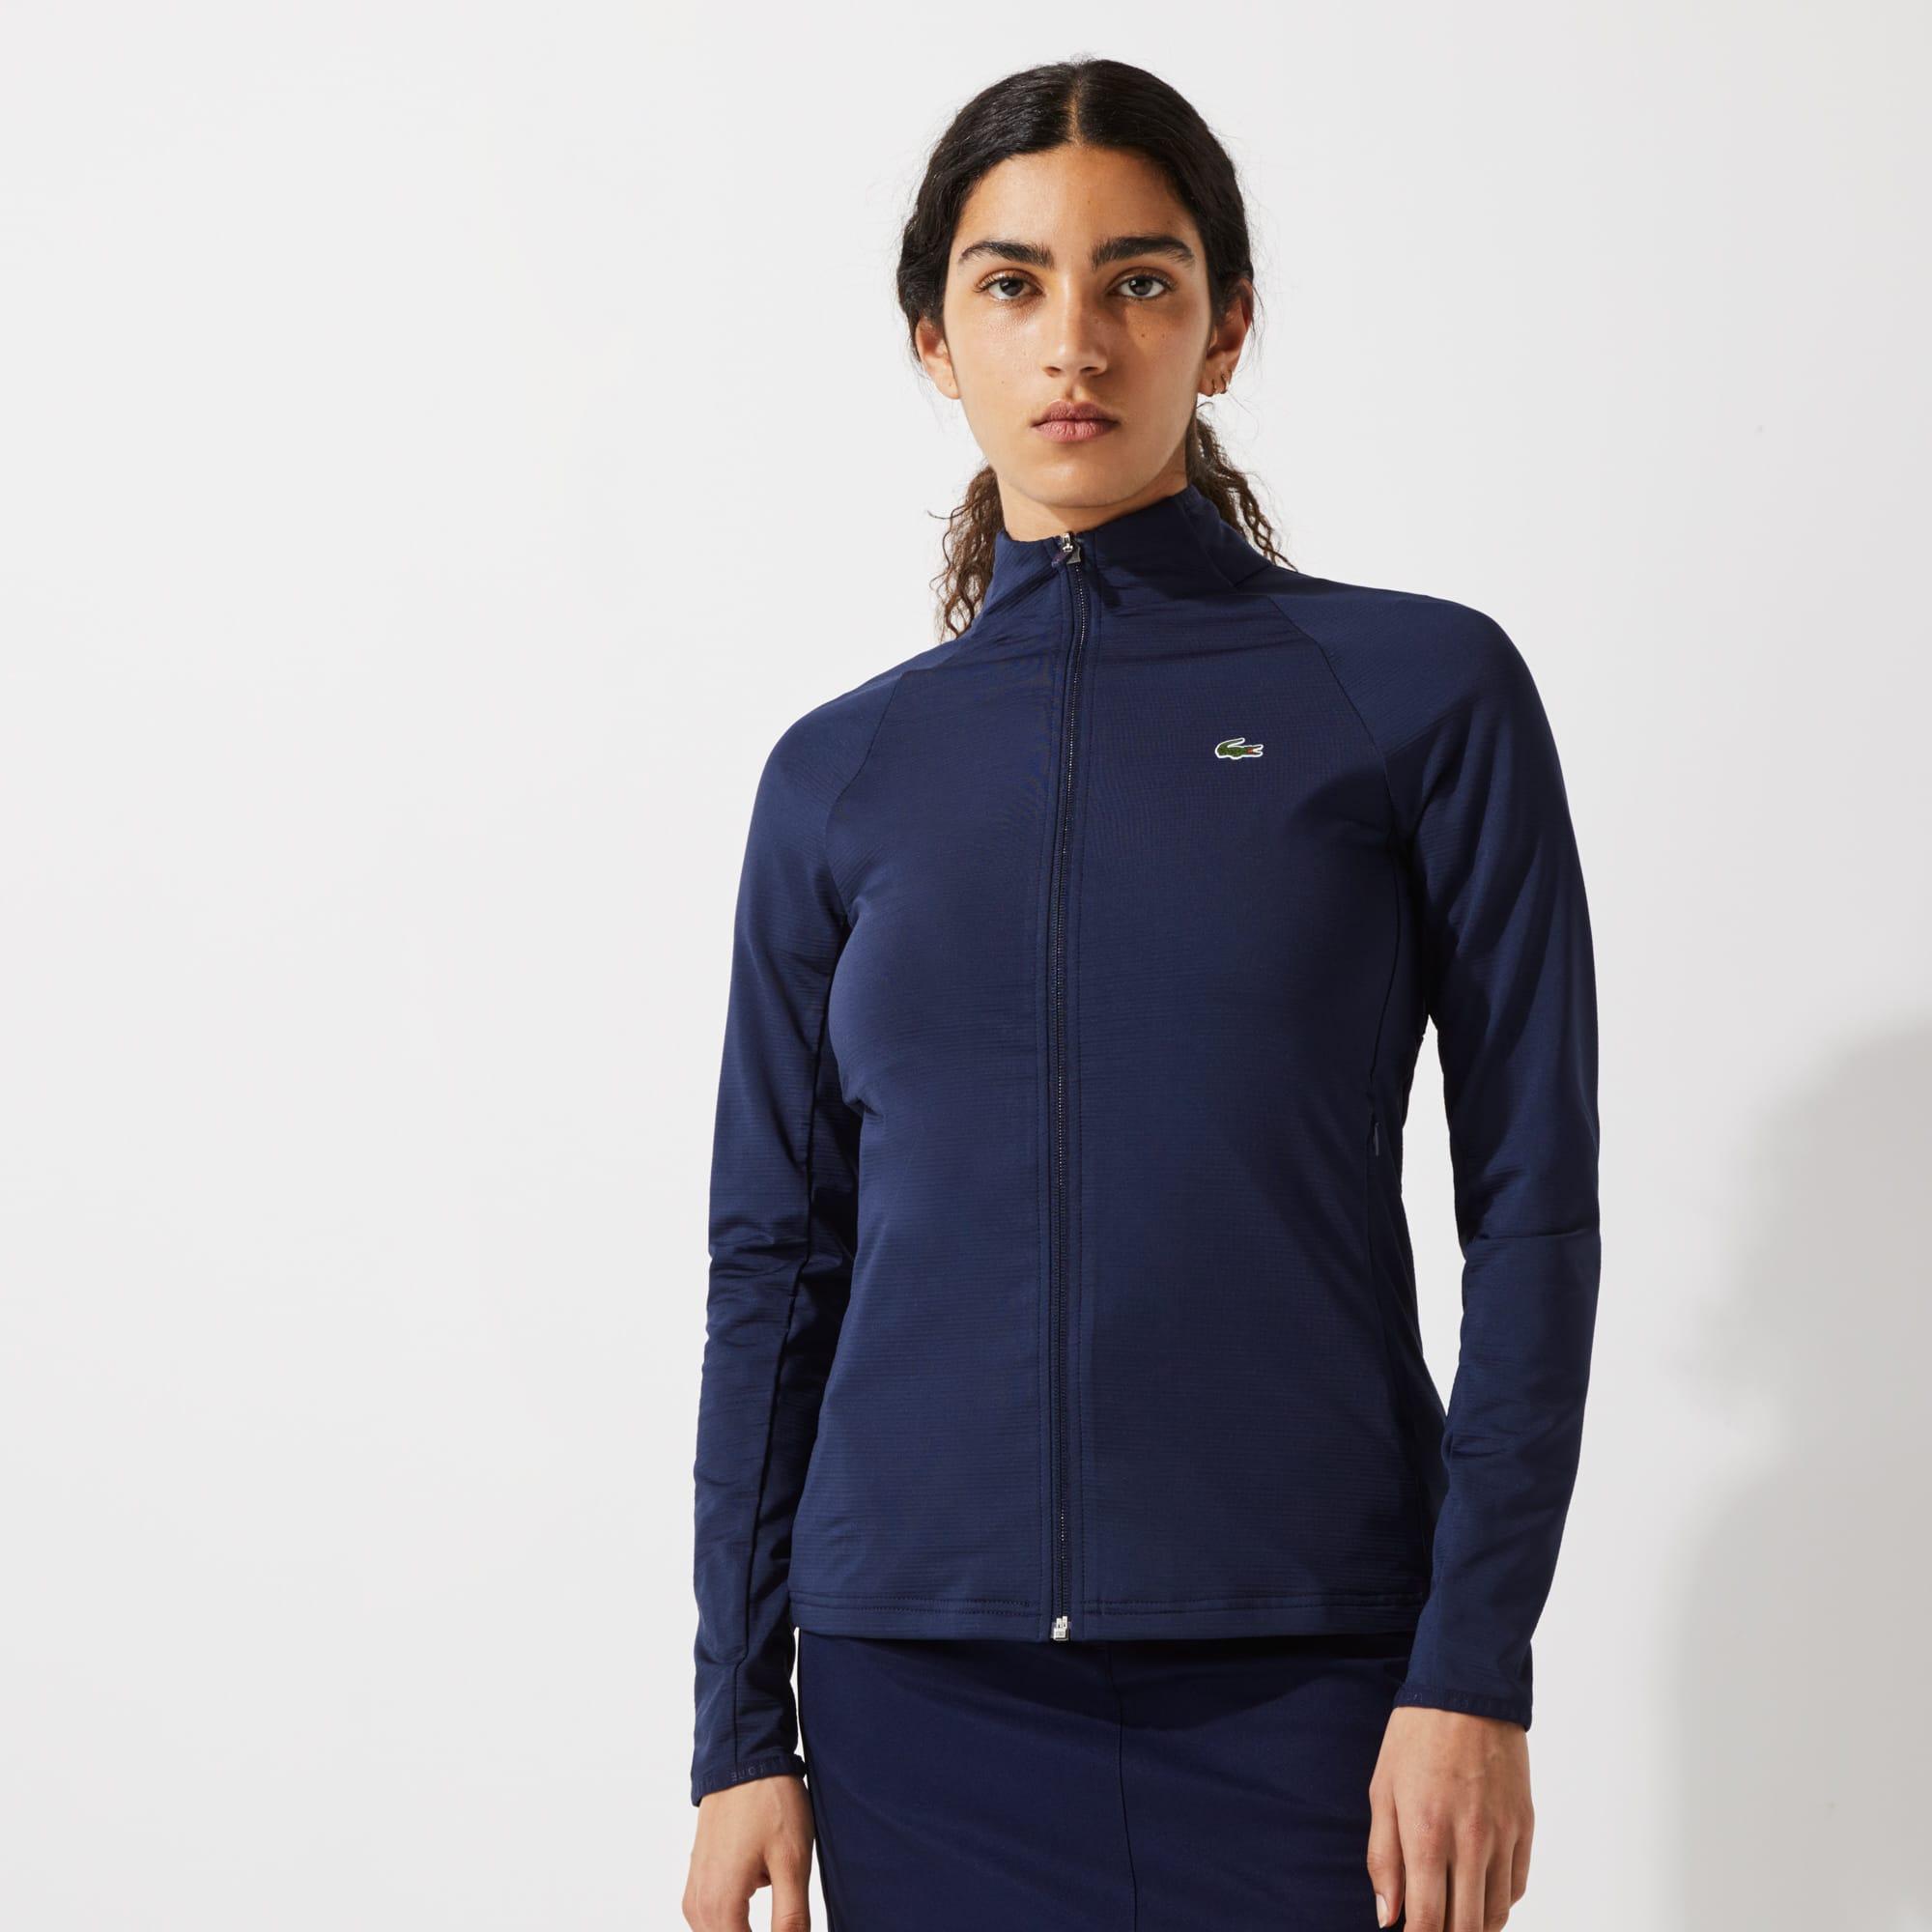 라코스테 우먼 스포츠 골프 자켓 Lacoste Womens SPORT Breathable Ergonomic Zip Golf Jacket,Navy Blue 423